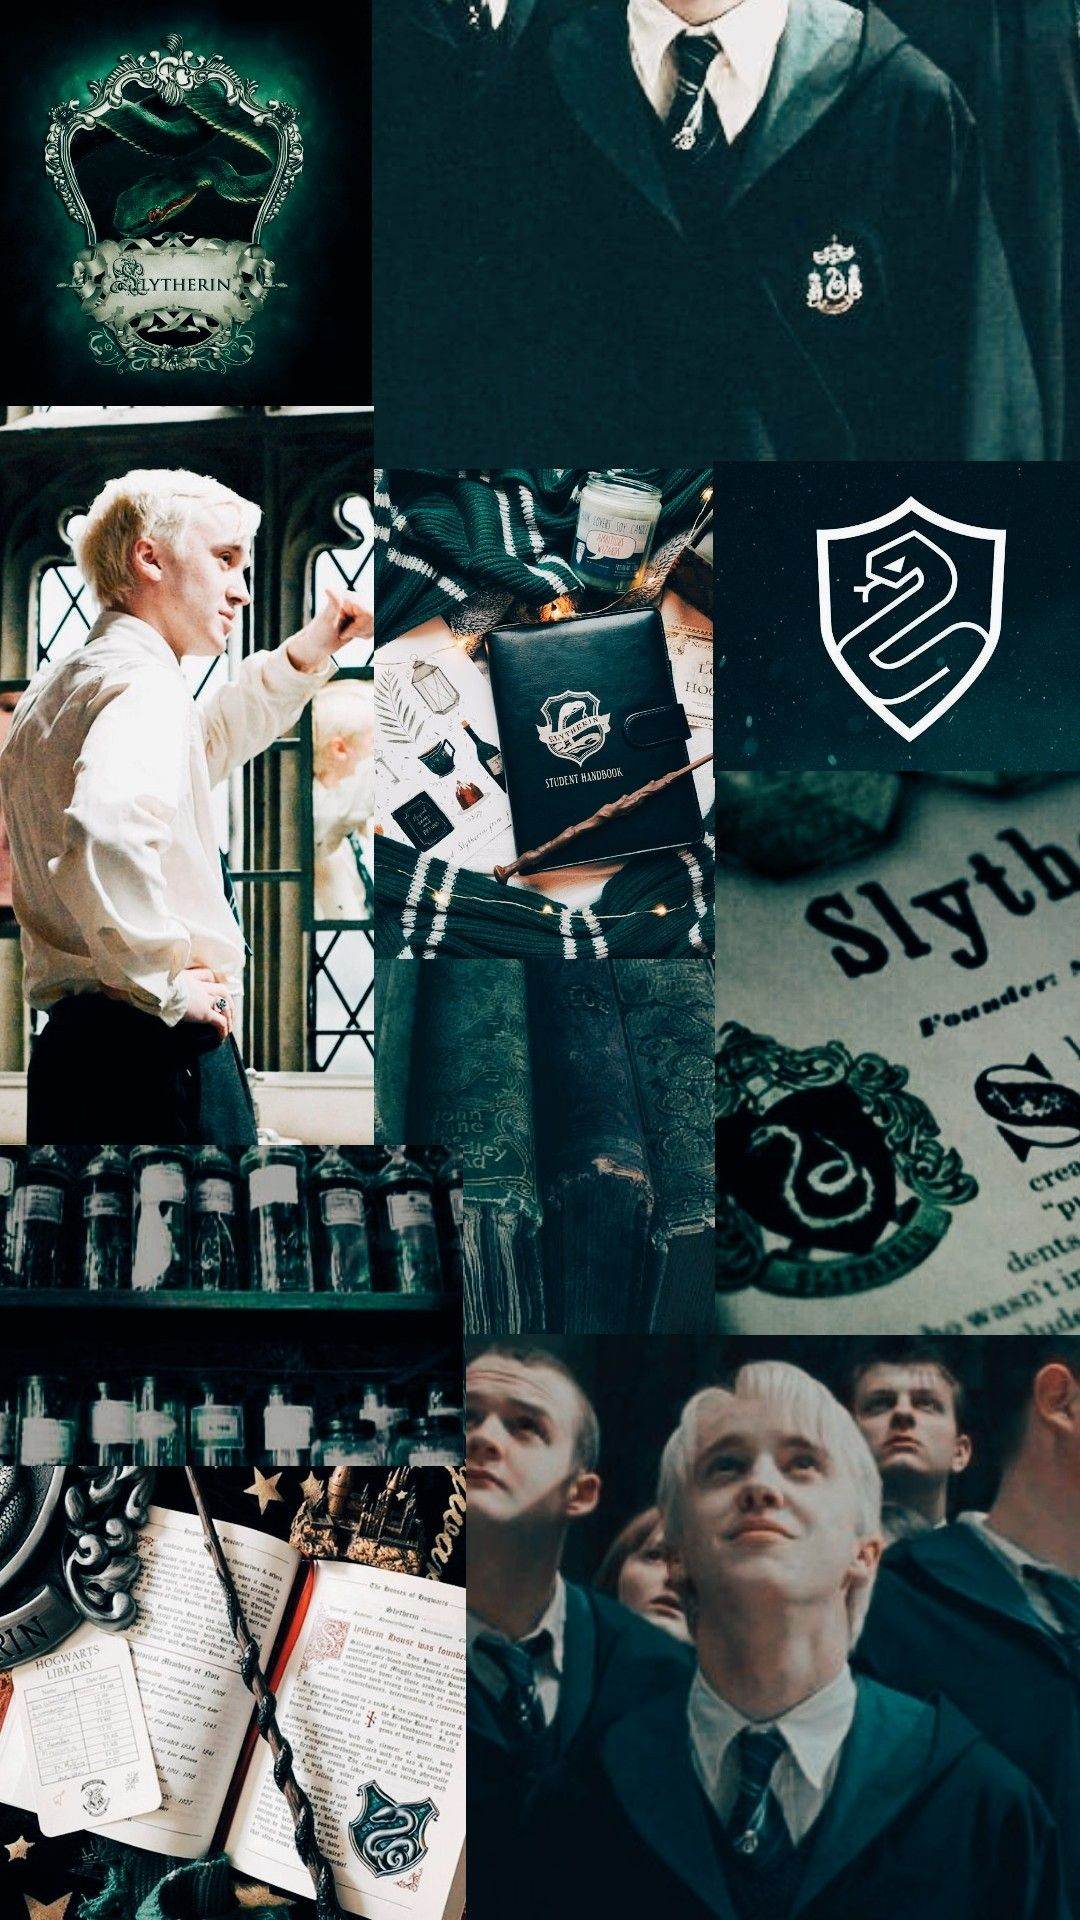 Slytherin Draco Malfoy Harry Draco Draco Malfoy Aesthetic Draco Harry Potter